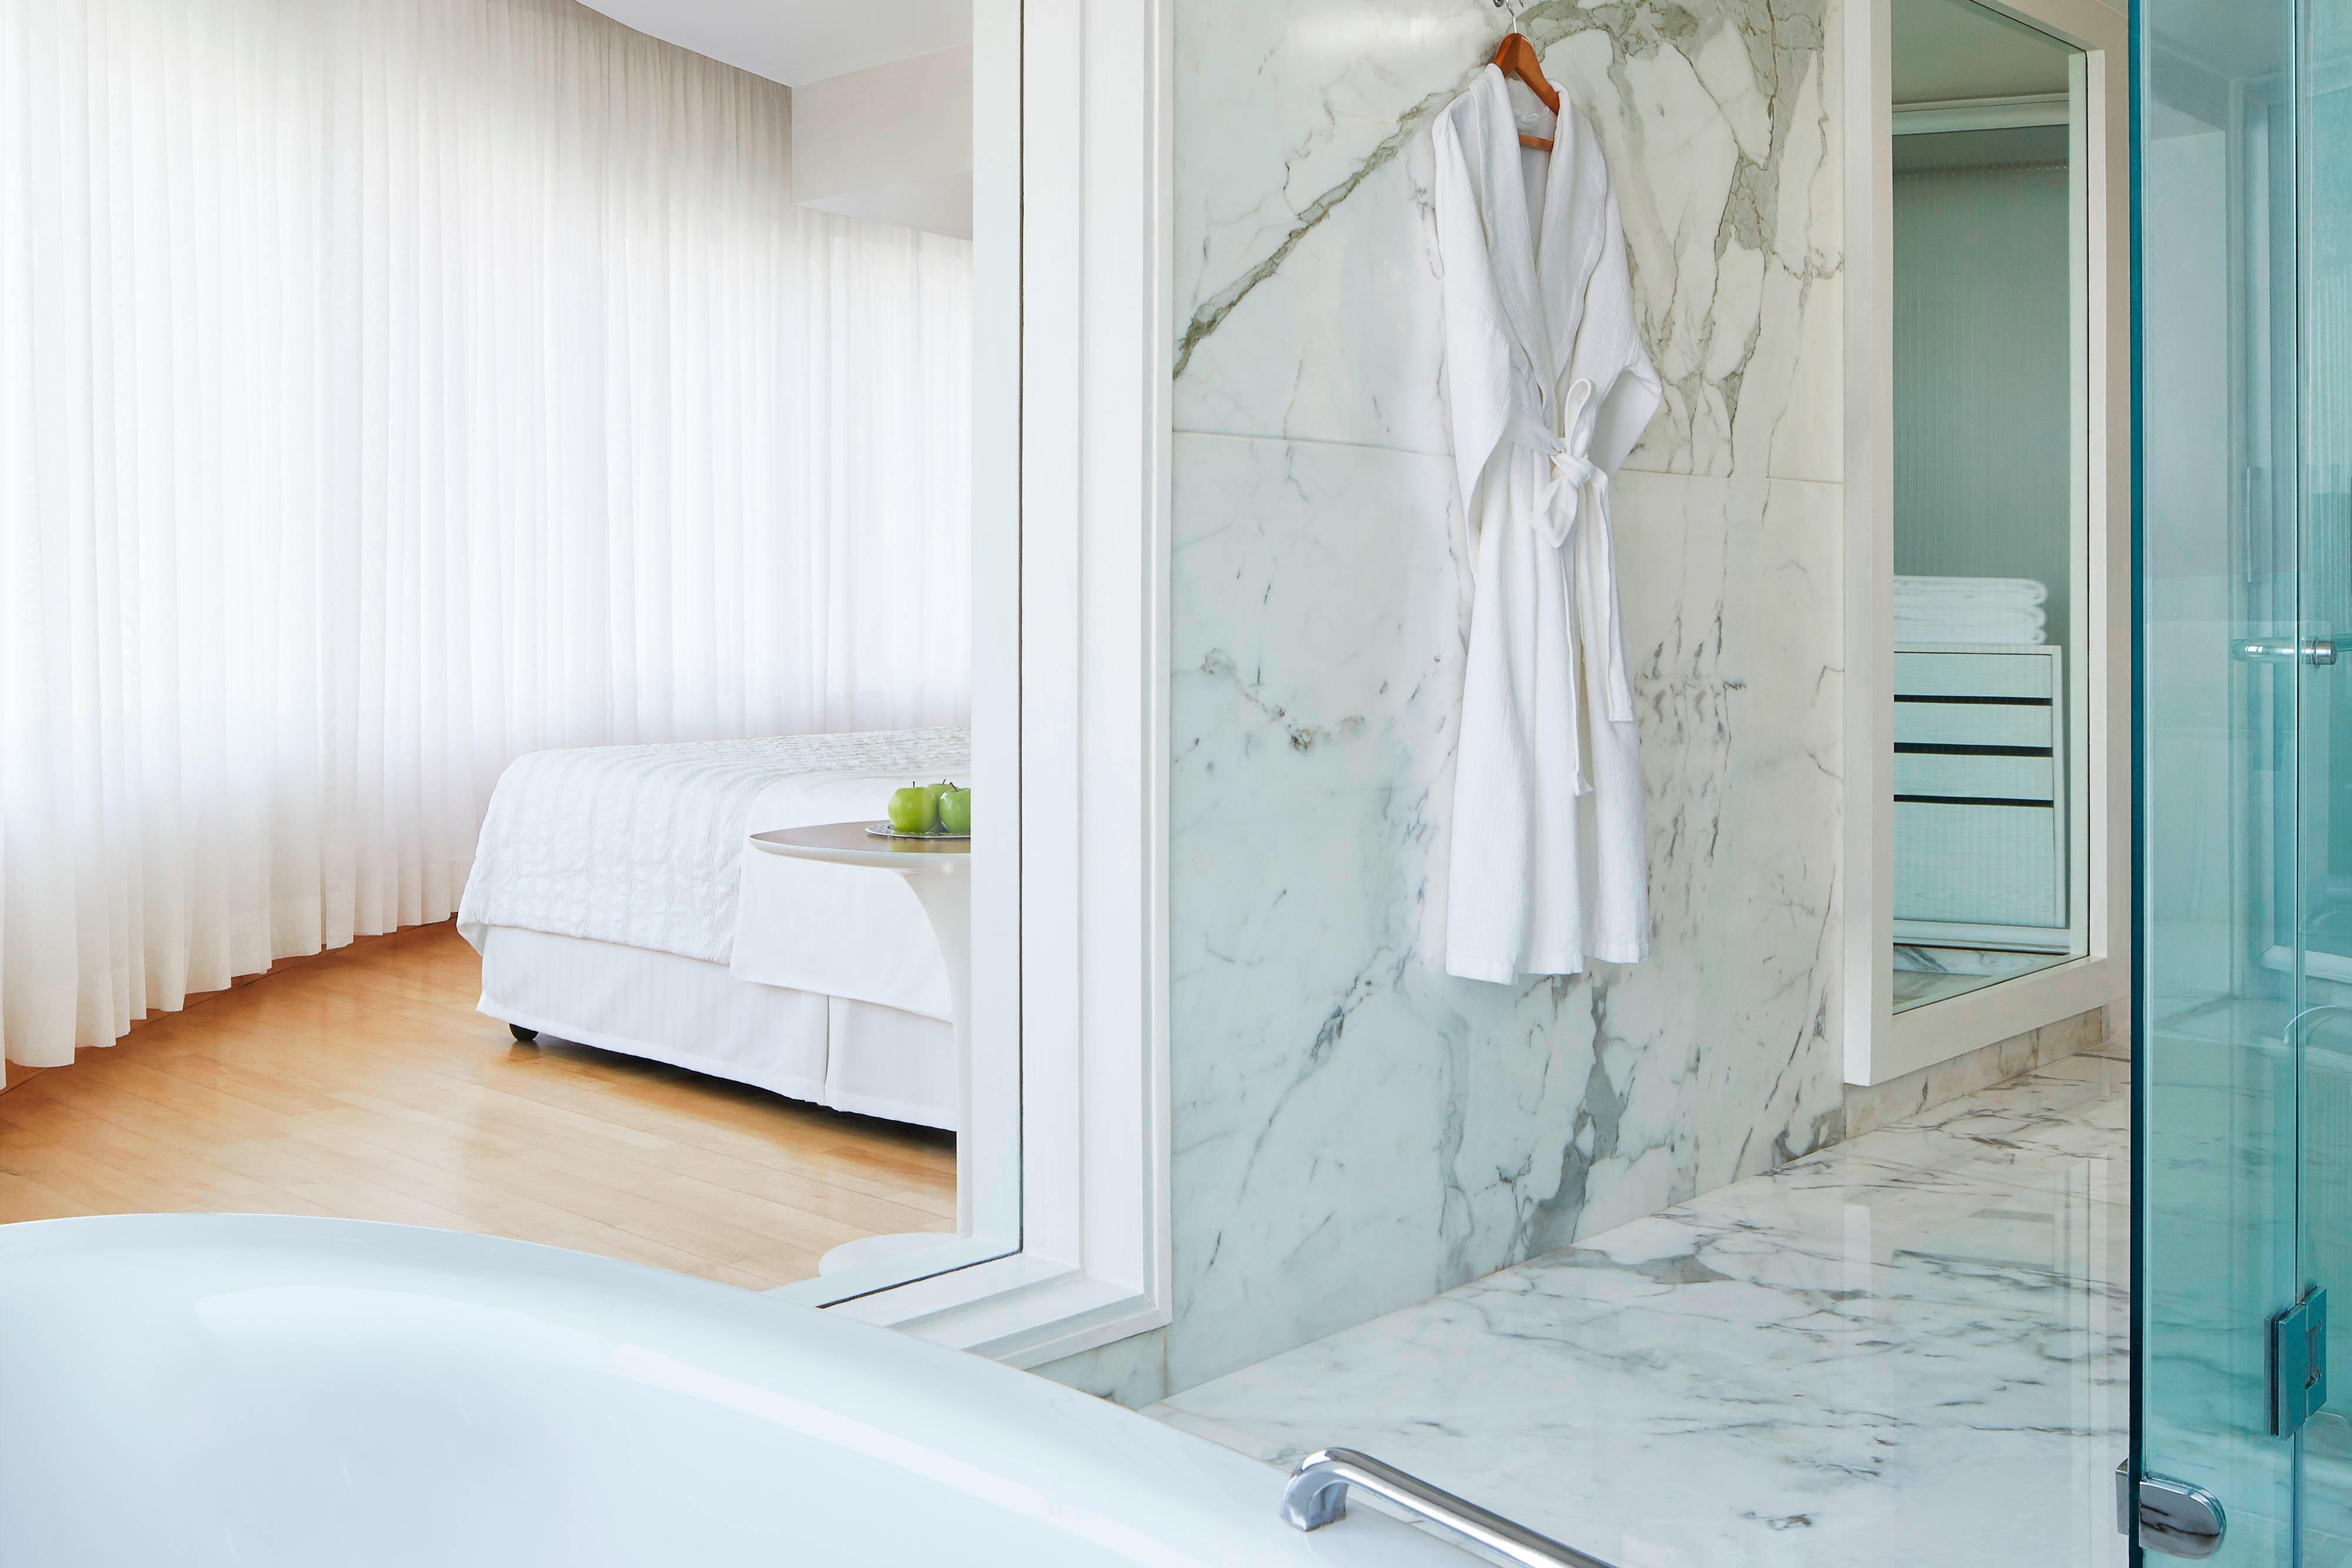 Grande Ivory Suite - Bathroom